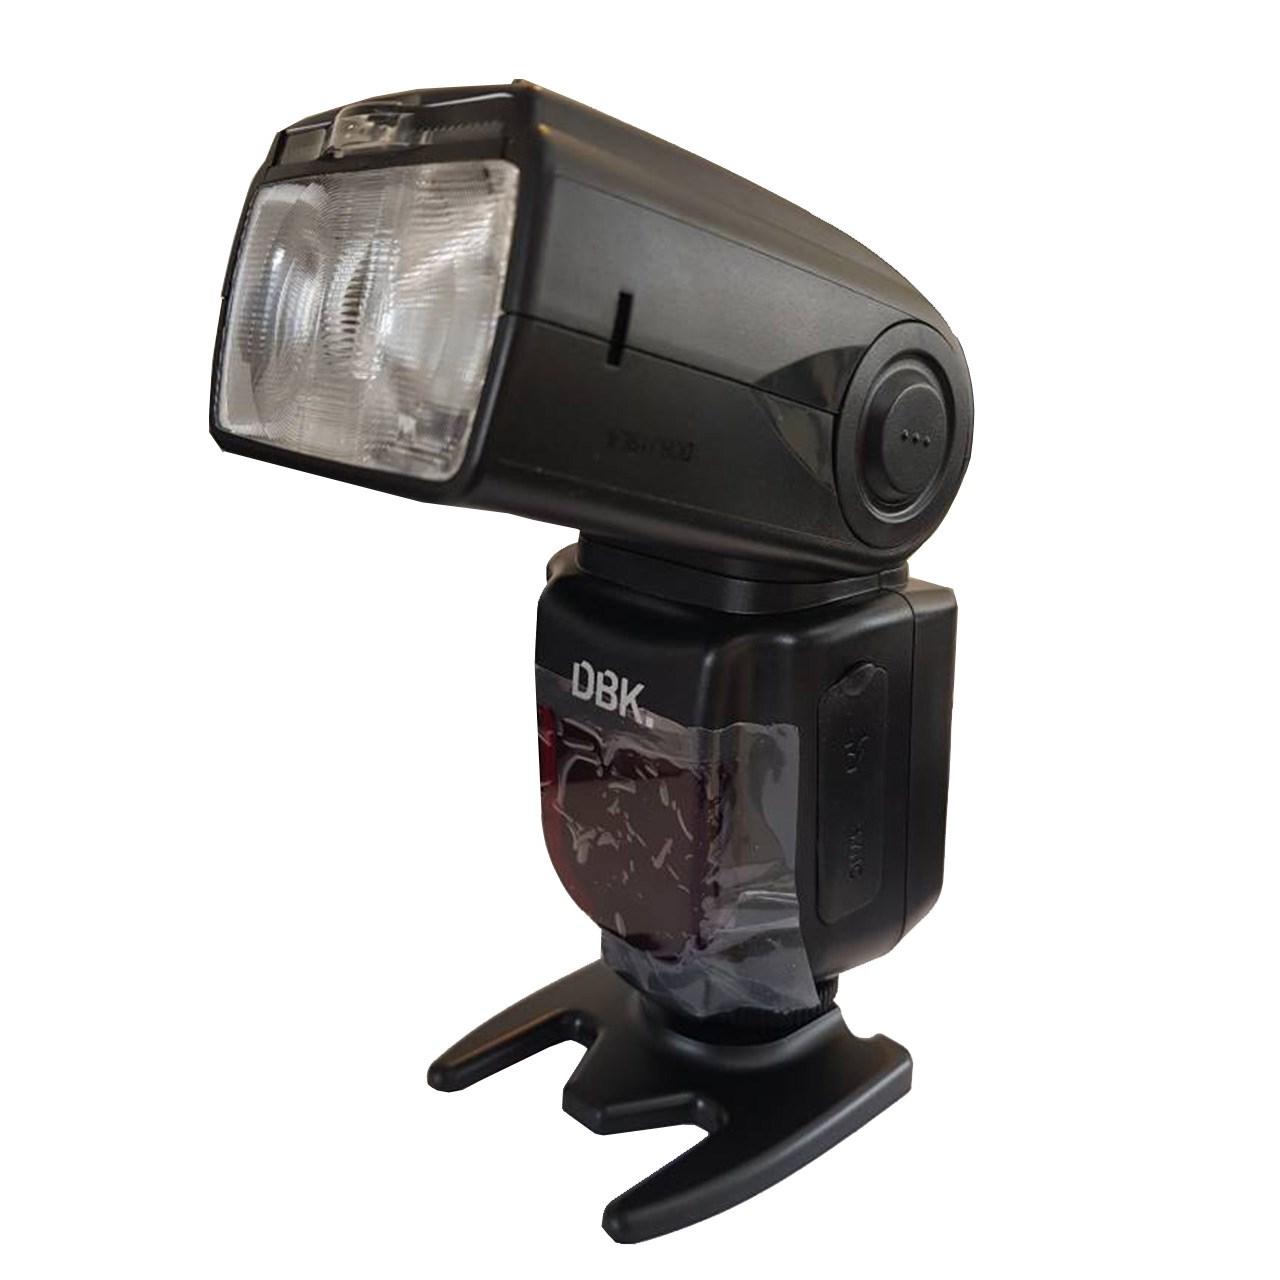 فلاش دوربین دی بی کی  مدل SpeedLite AG-622N